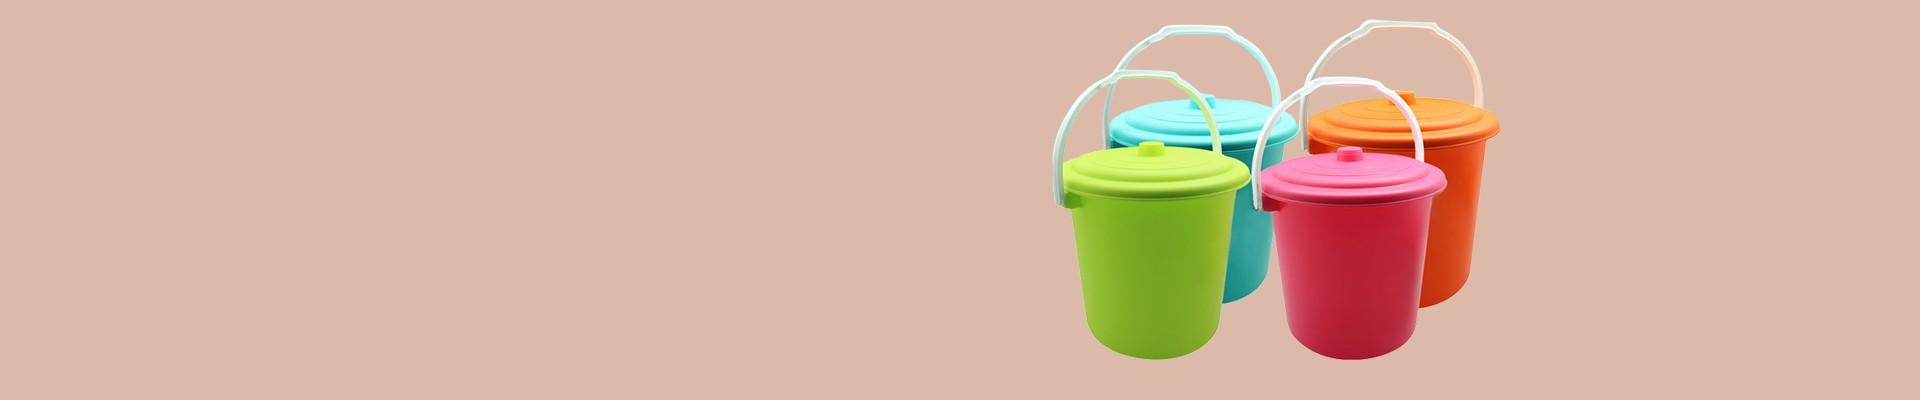 Jual Baskom & Ember Plastik Semua Ukuran